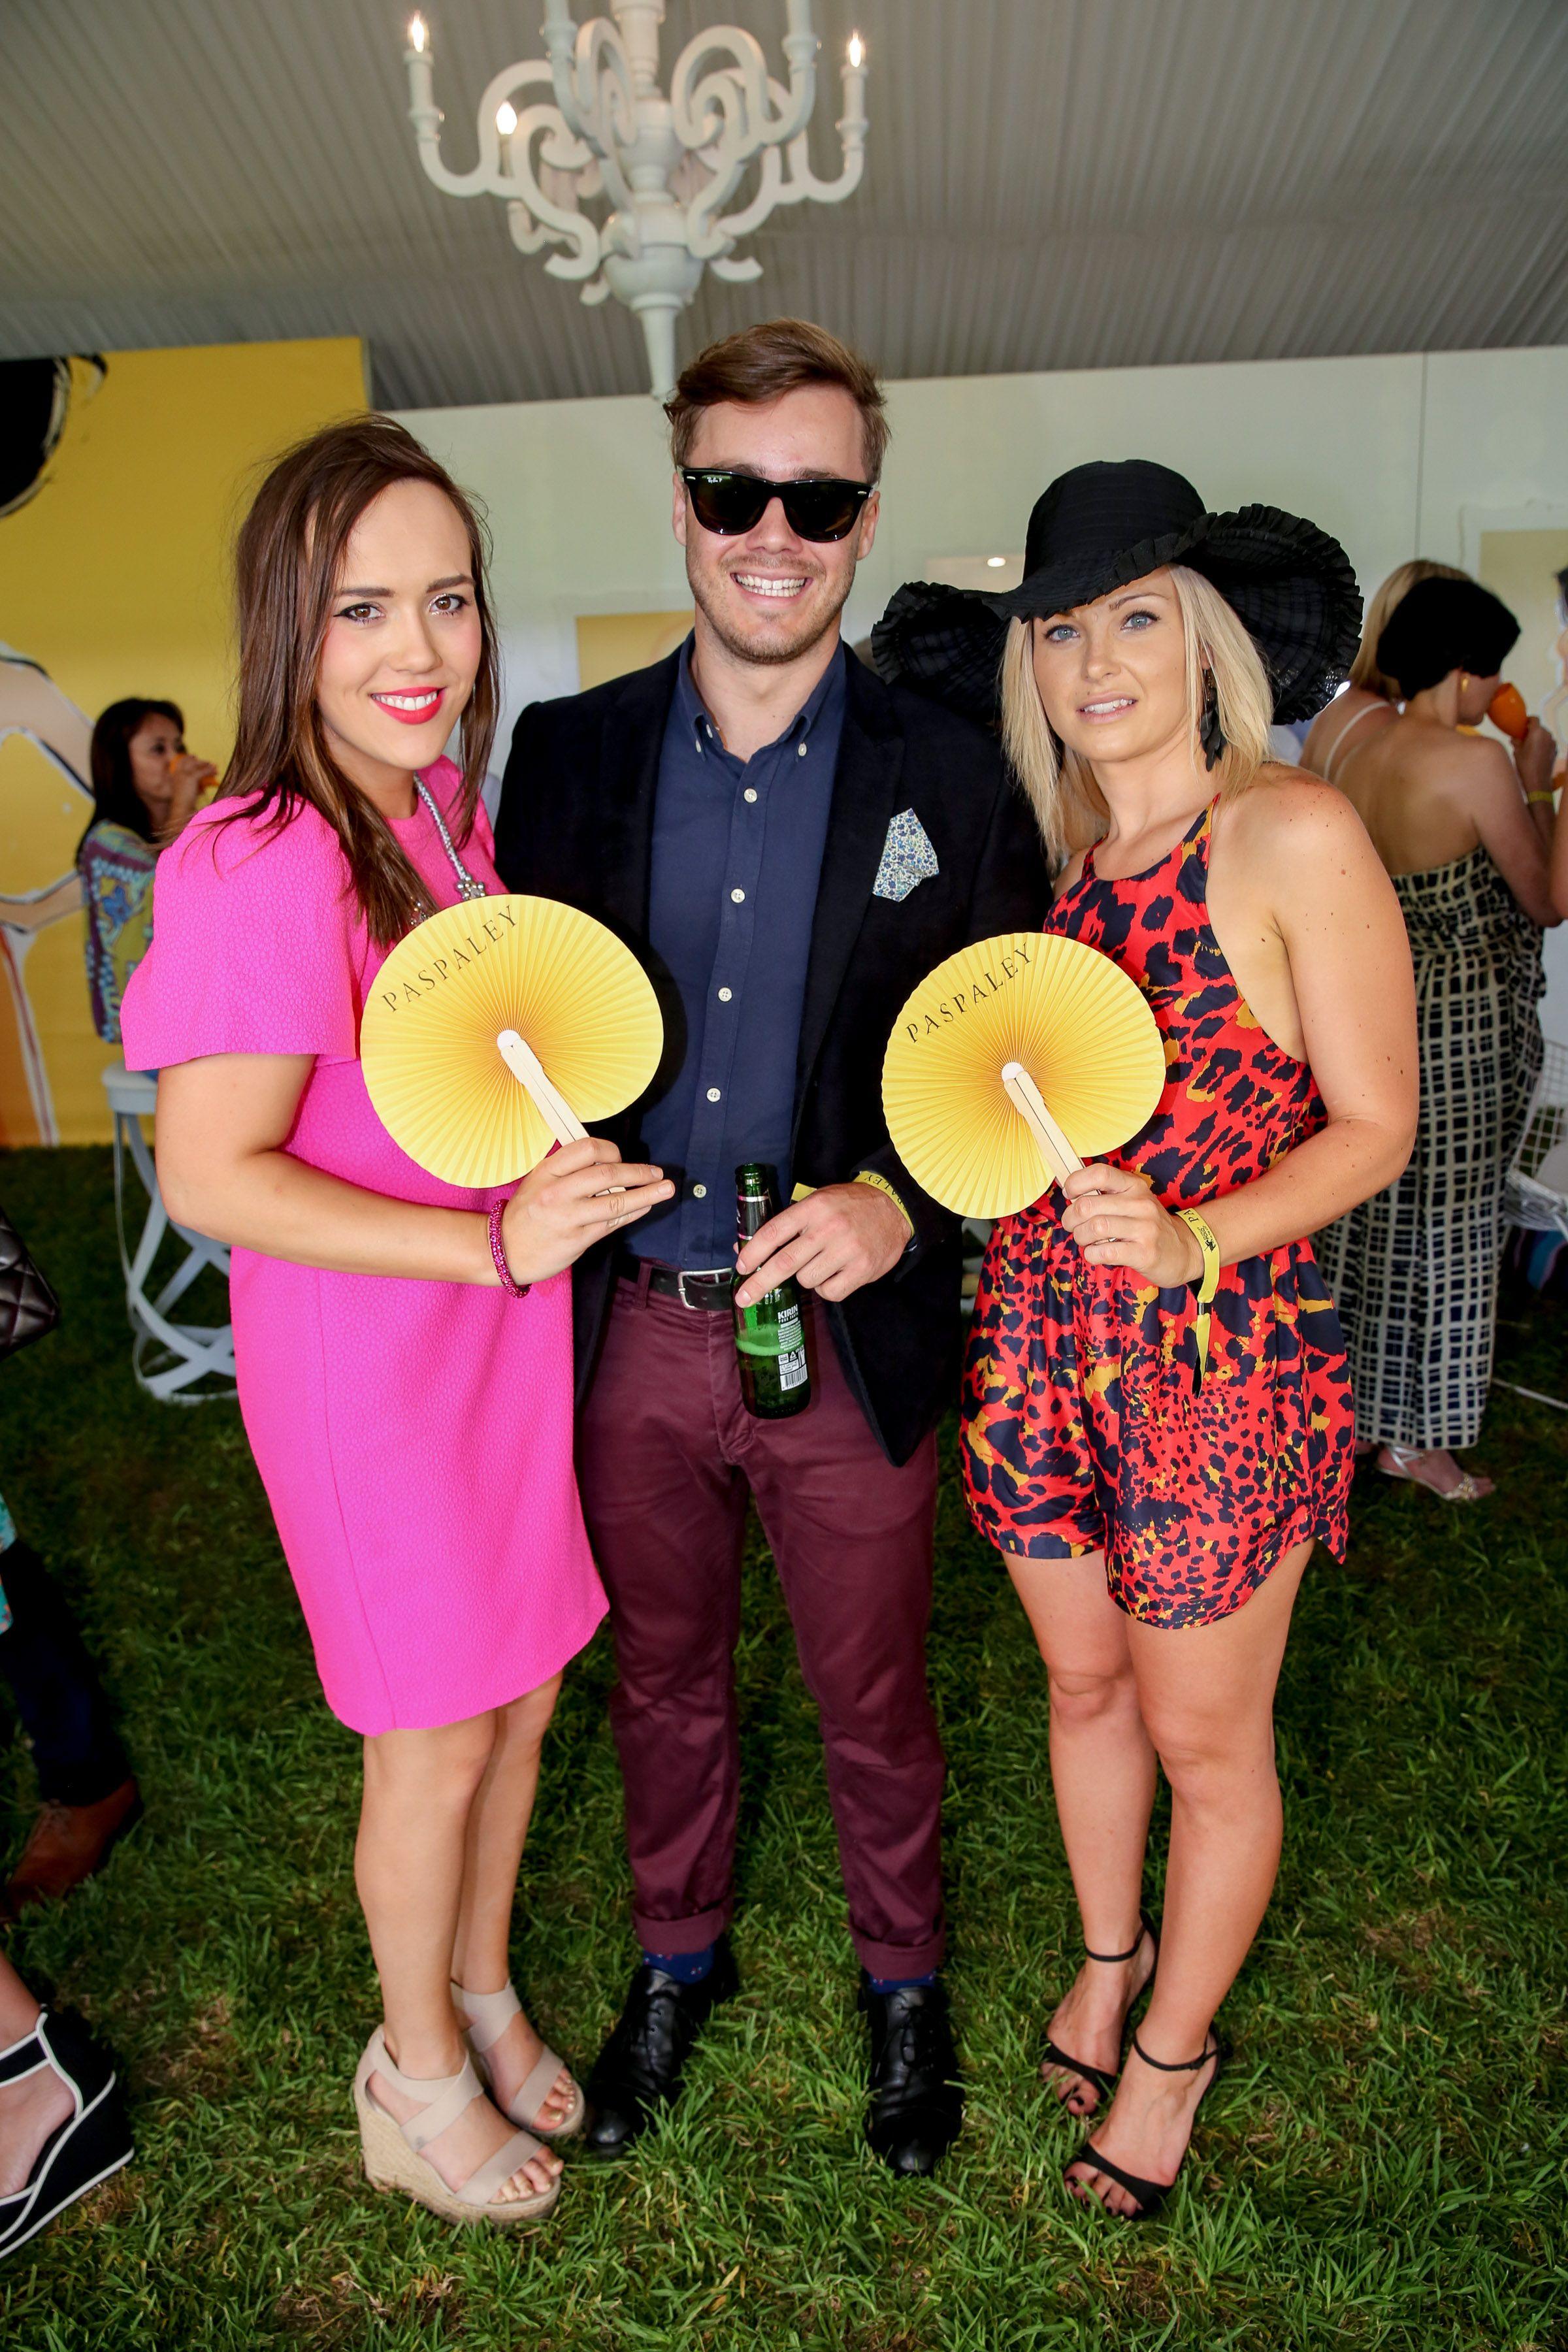 Kelly Teesdale, Dan Stephenson and Sarah Ribergaard